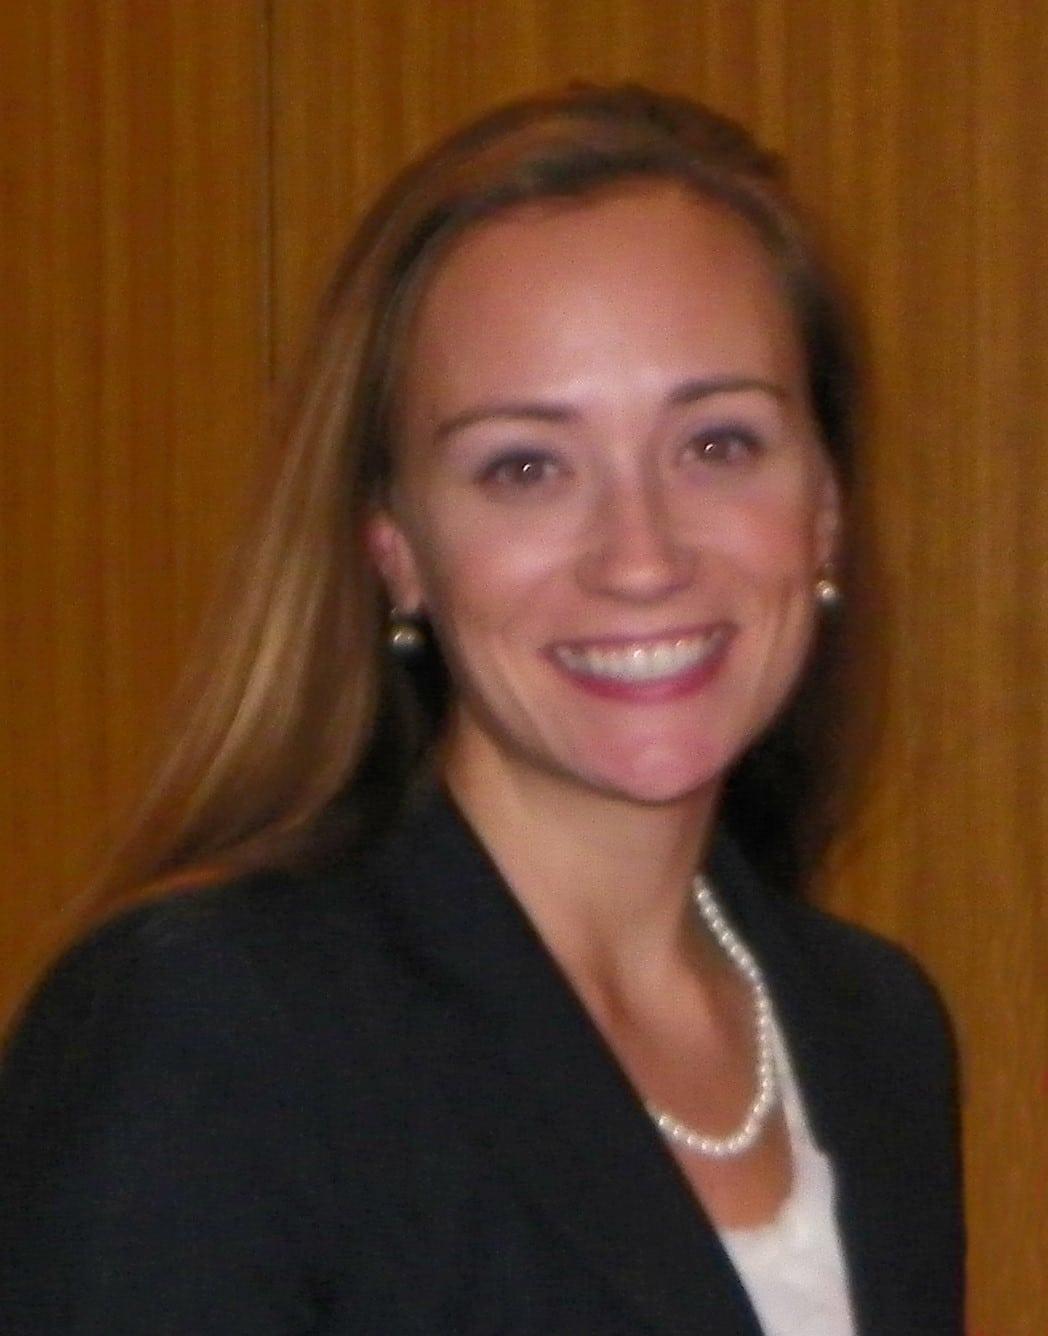 Courtney Eidel